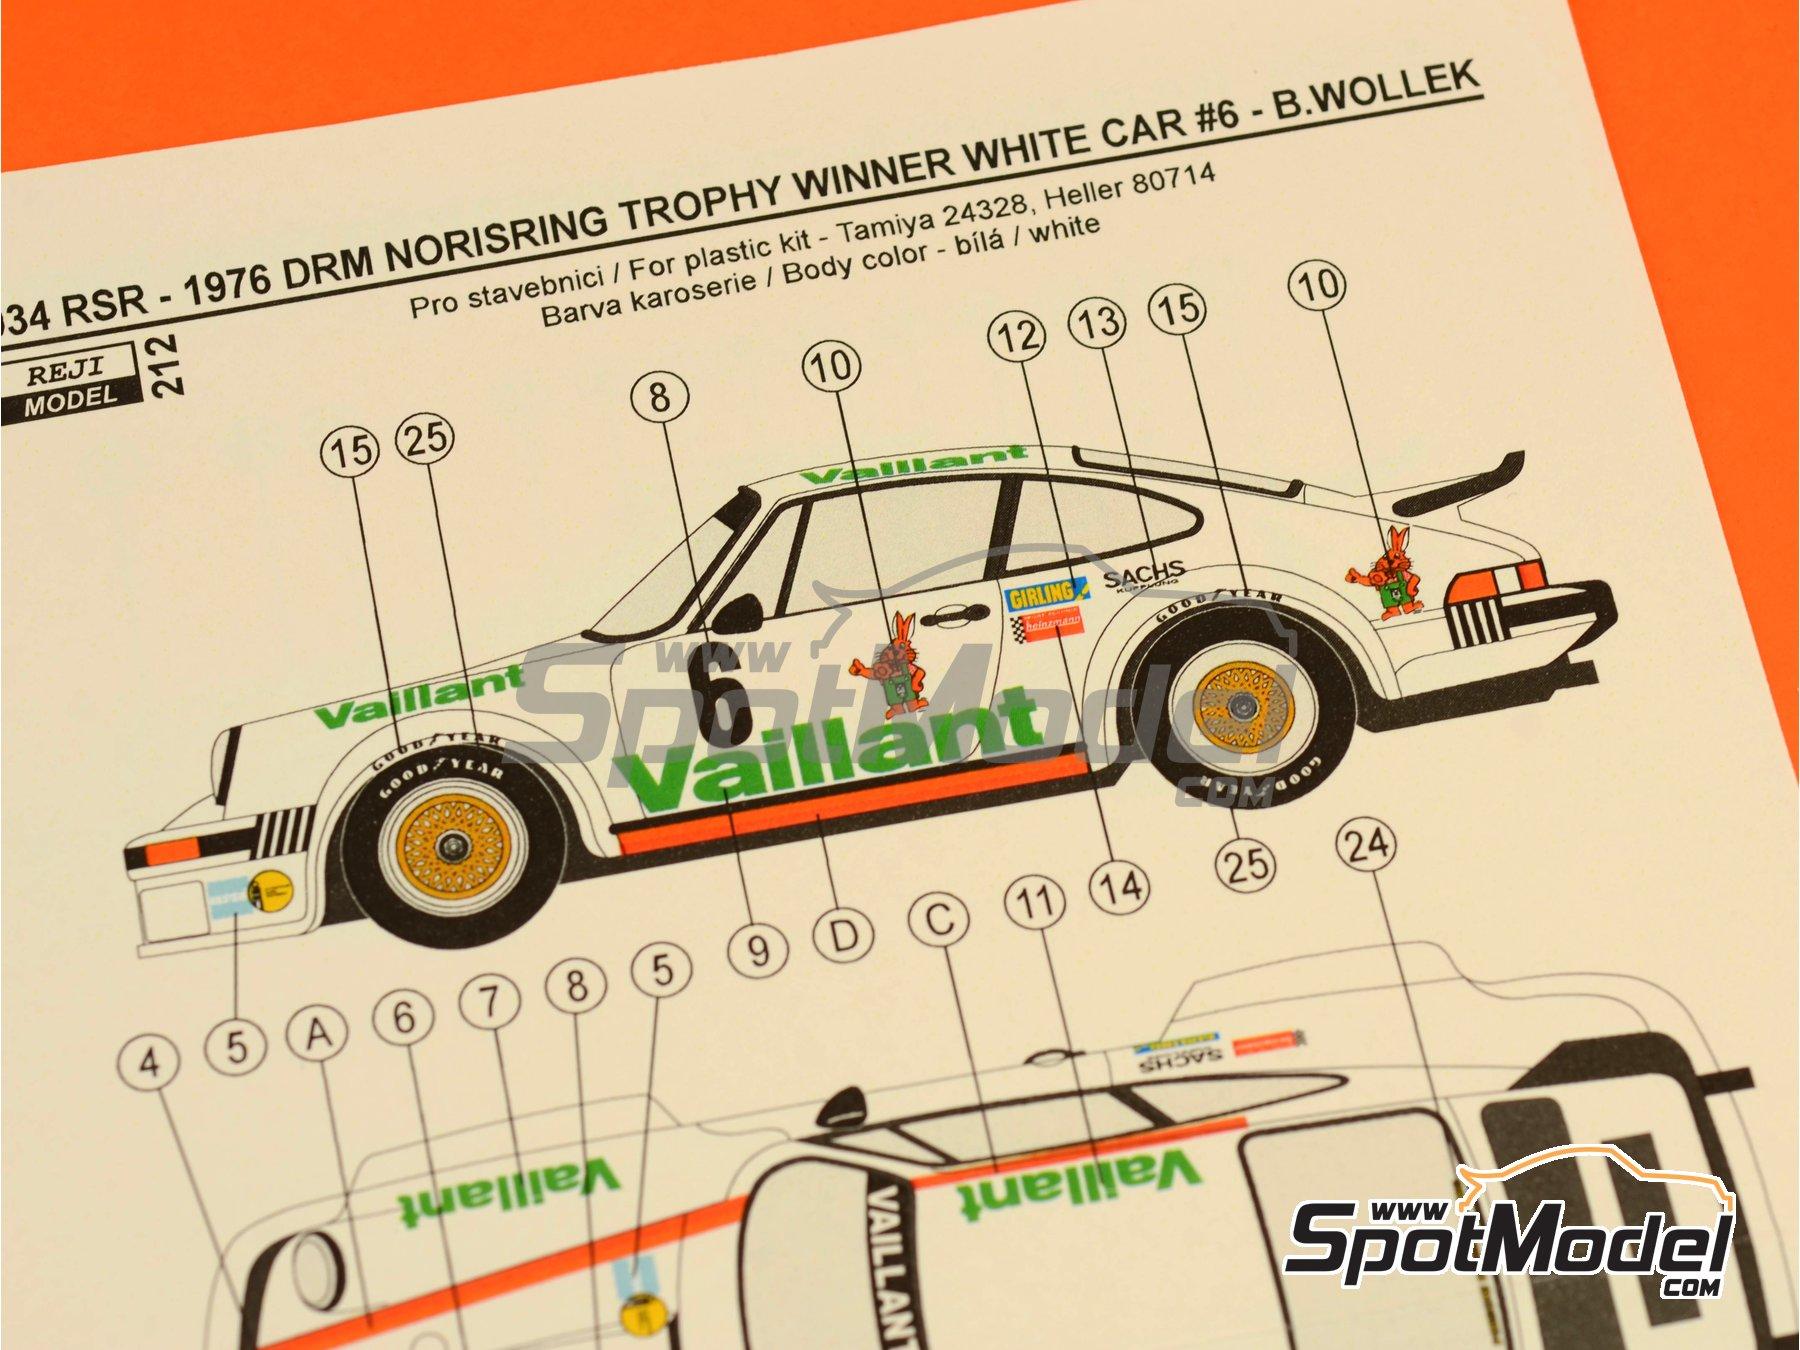 Image 6: Porsche 934 Turbo RSR Grupo 4 Vaillant - ADAC Norisring Trophy 1976 | Decoración en escala1/24 fabricado por Reji Model (ref.REJI-212)